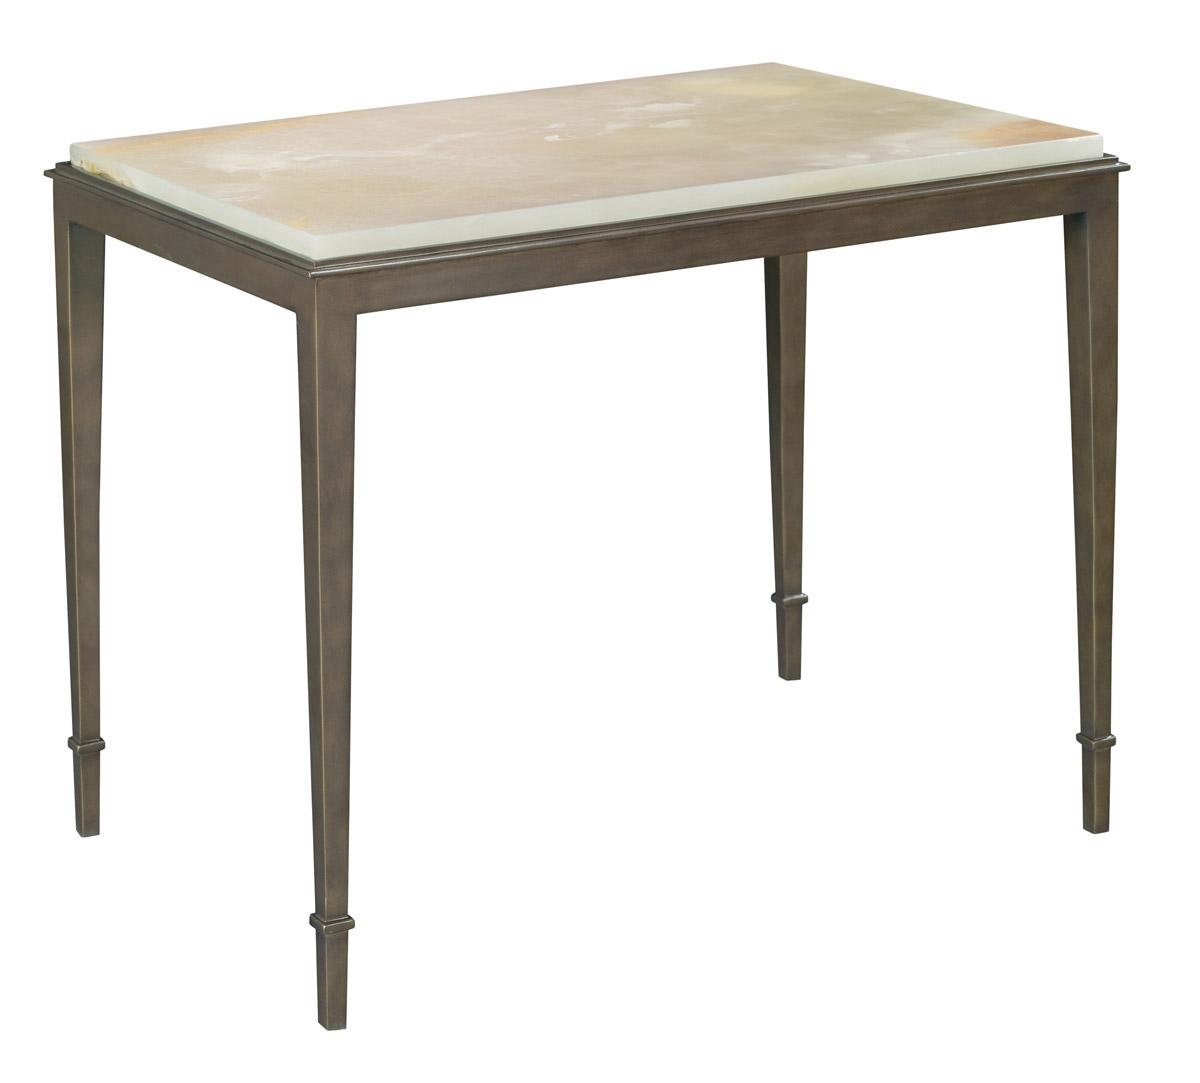 Fyn Side Table Base